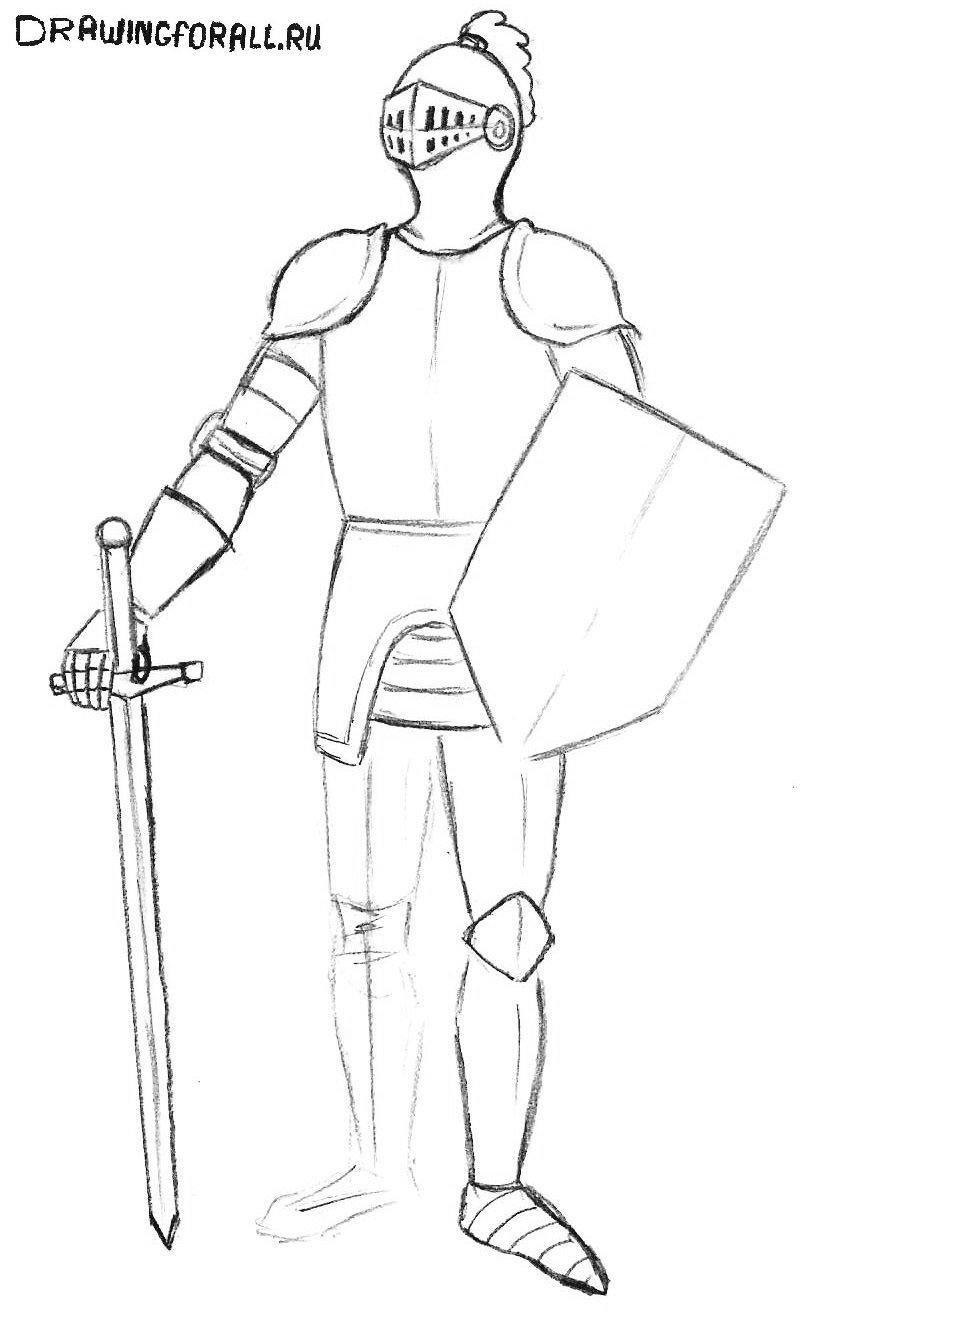 Поэтапное рисование древнегреческого человека